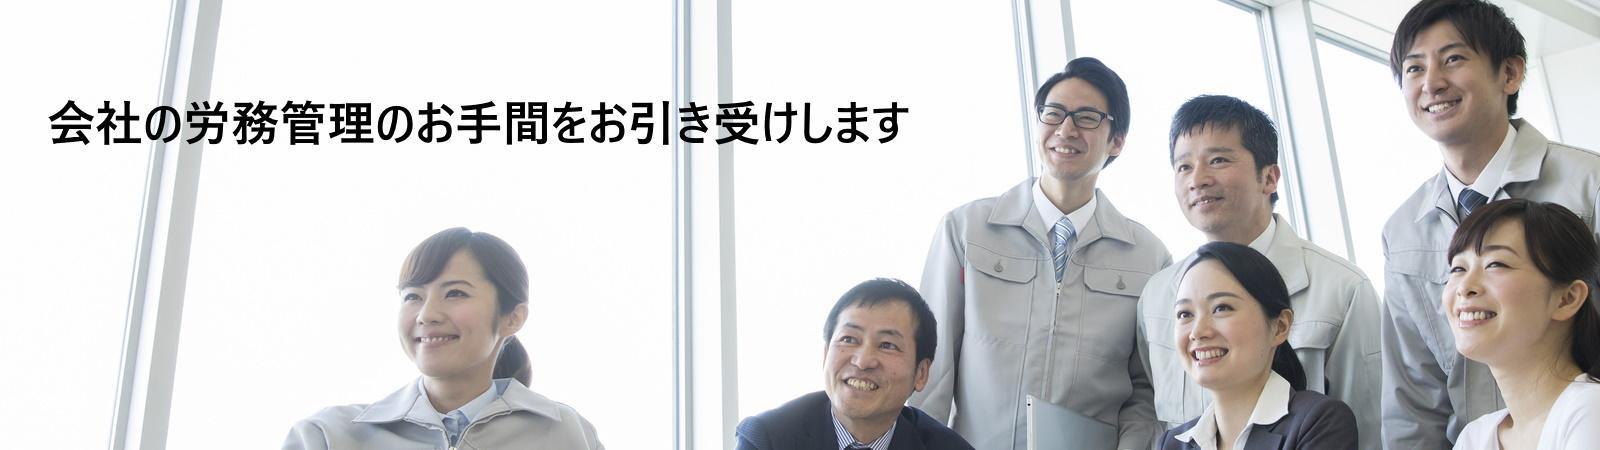 埼玉県の社会保険労務士事務所 社会保険労務士まつもと事務所のホームページ